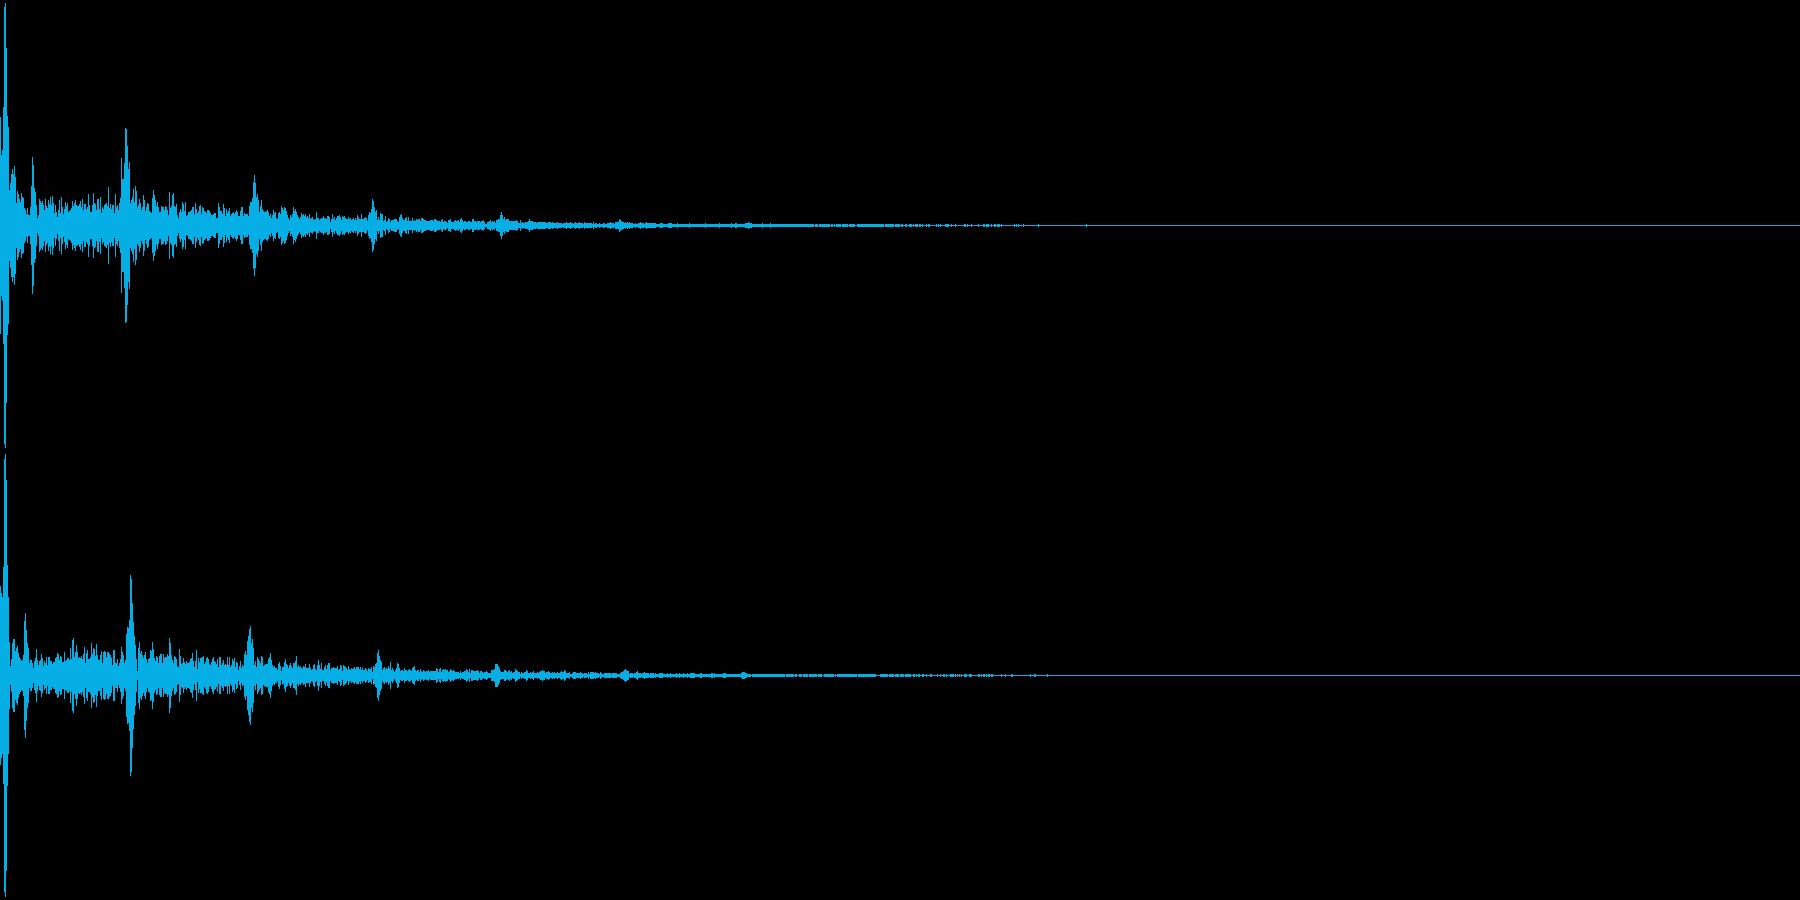 Shizuku 雫が垂れるようなSEの再生済みの波形